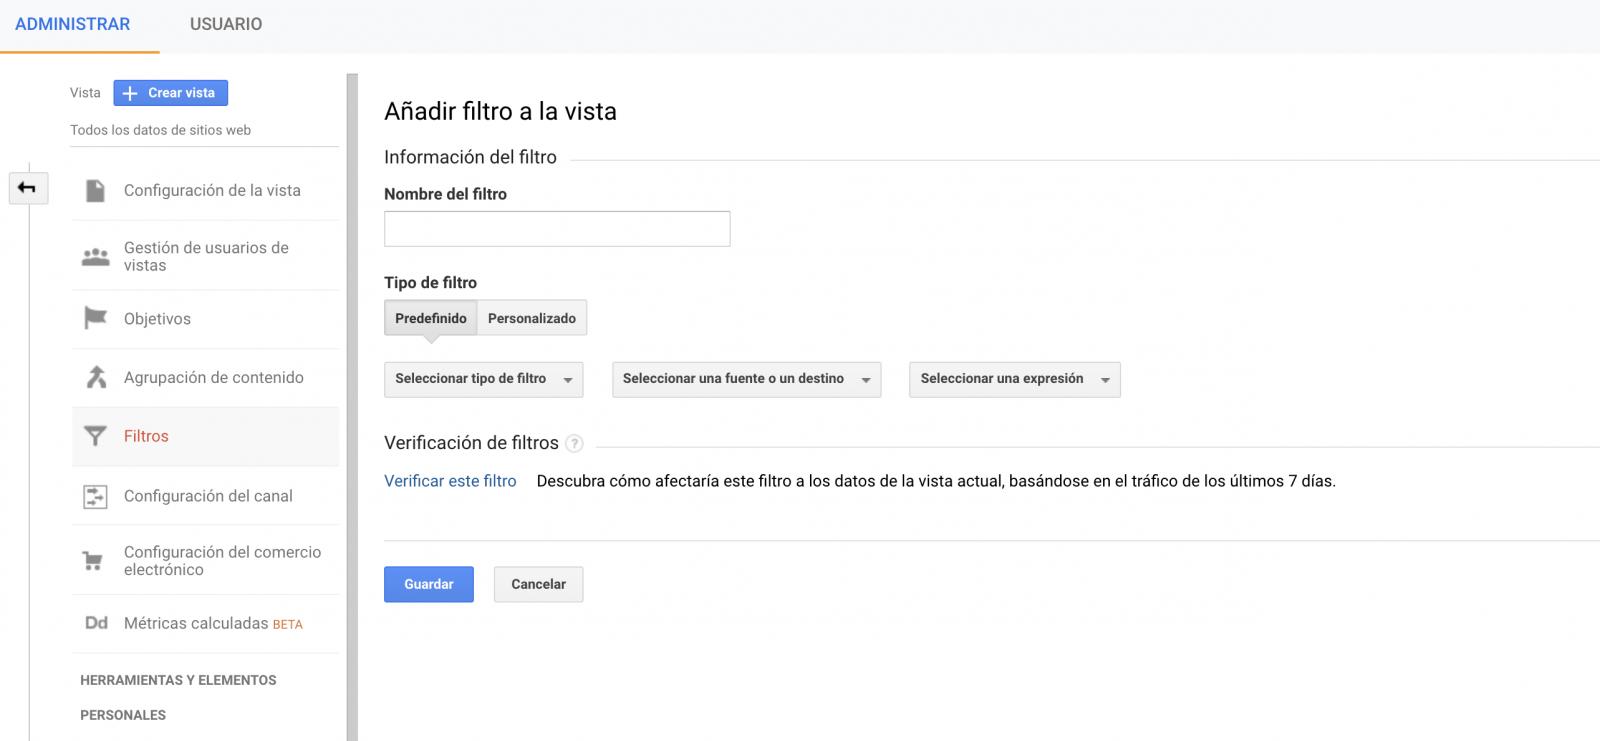 Cómo poner Google Analytics en mi web paso a paso - Juan Merodio